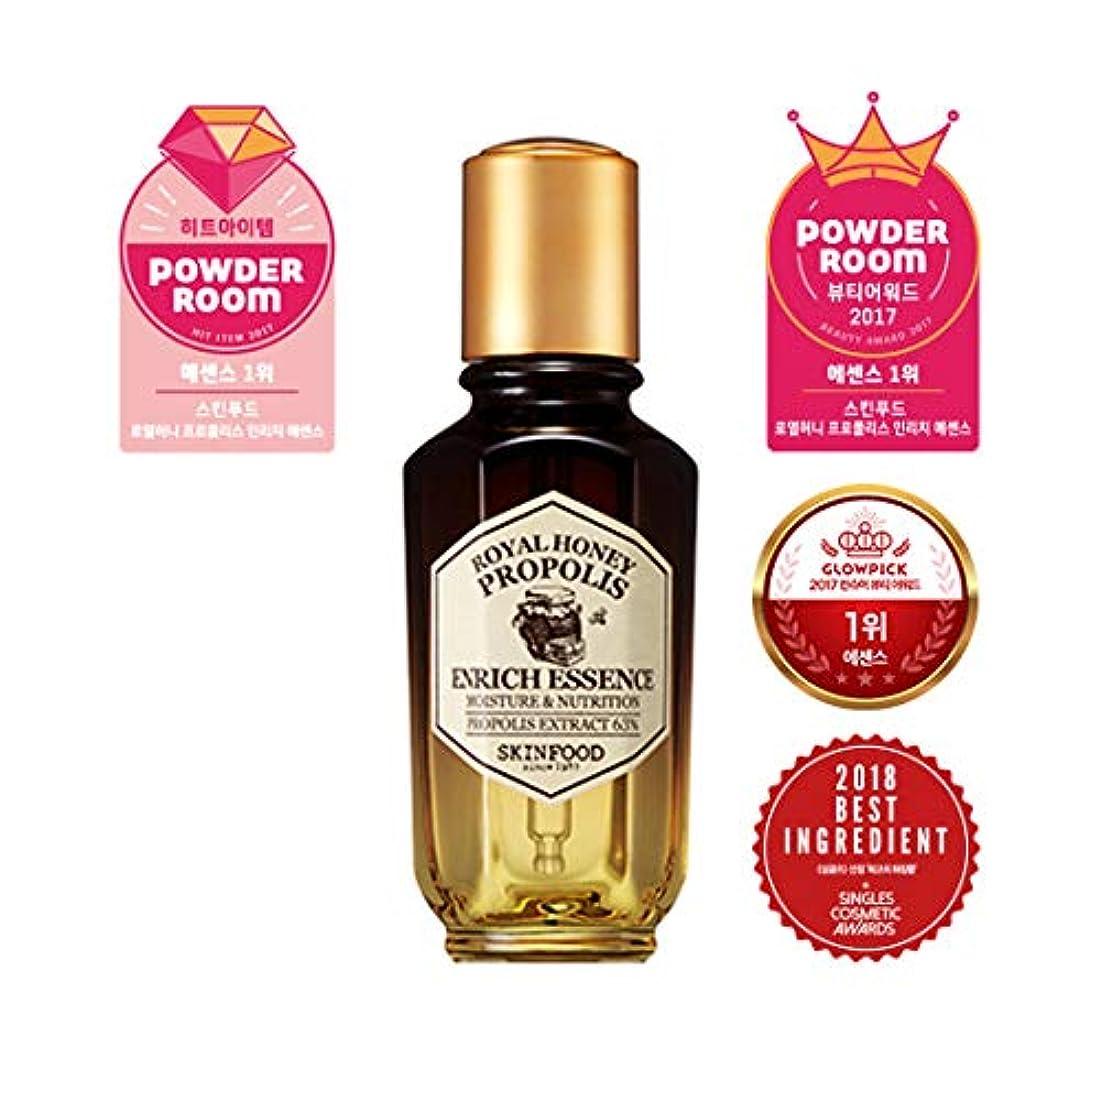 不機嫌会う納得させるSkinfood ロイヤルハニープロポリスエンリッチエッセンス/Royal Honey Propolis Enrich Essence 50ml [並行輸入品]